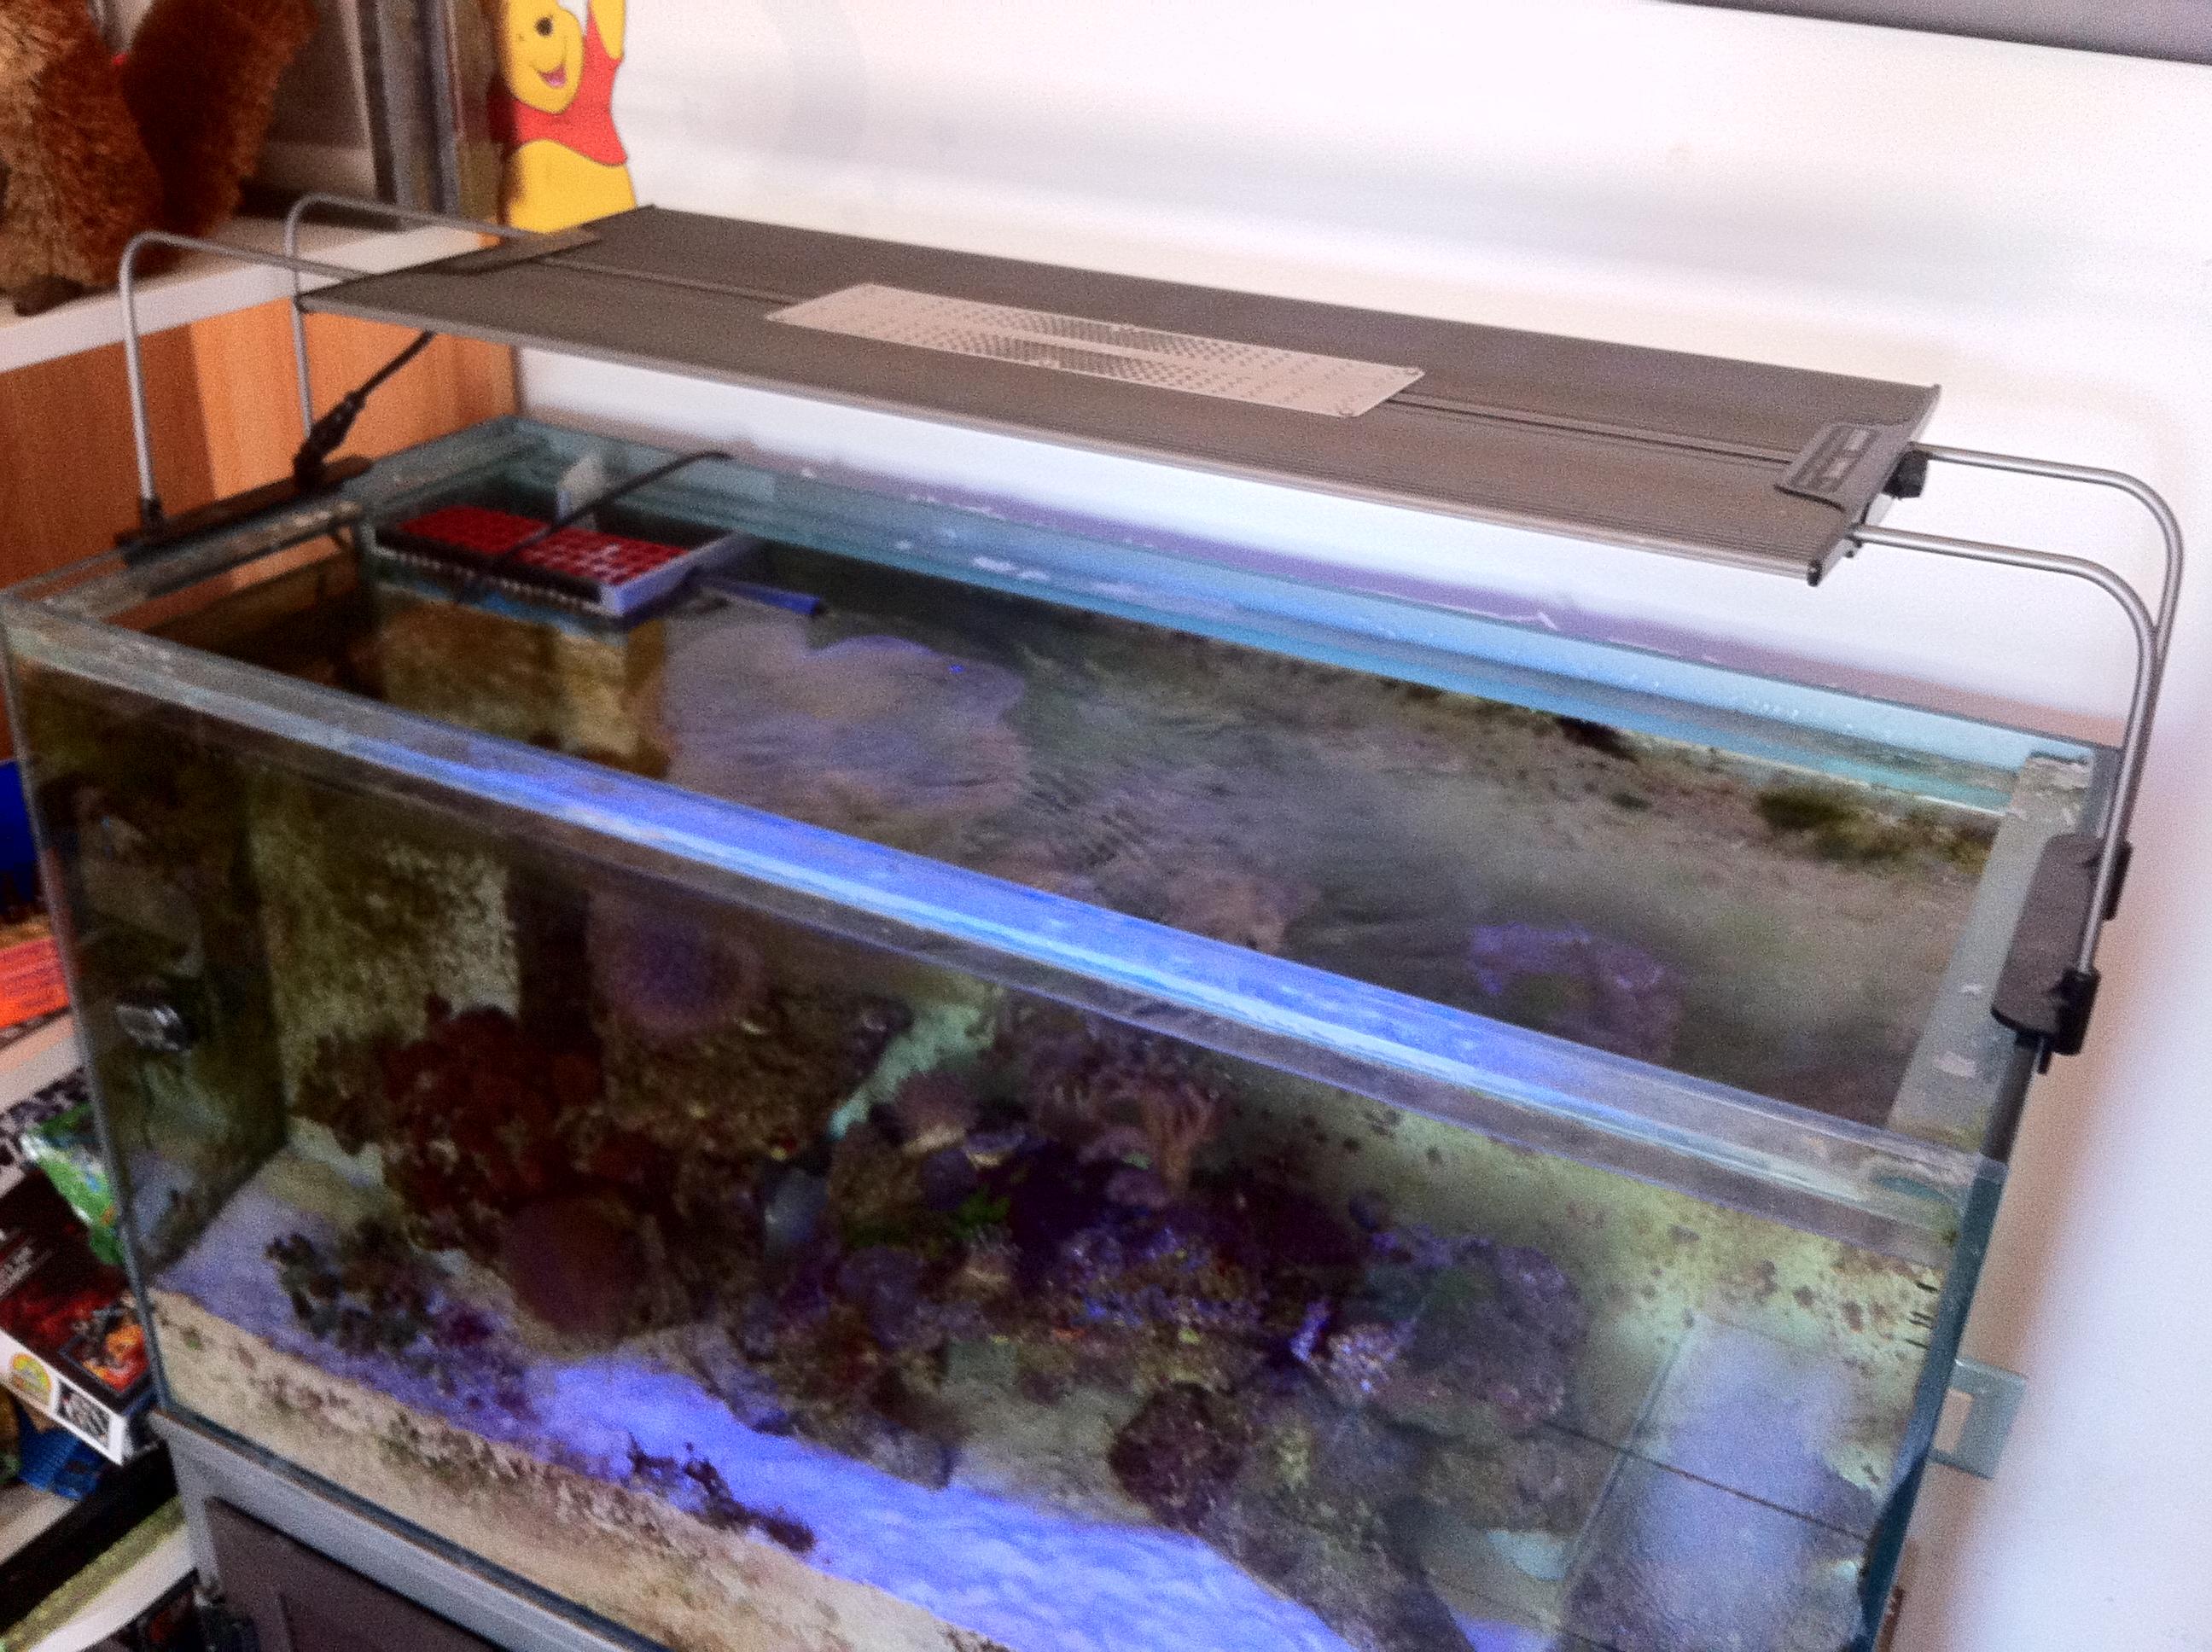 Plafoniera Led Per Acquario Acqua Dolce : Acquario marino litri acquariando consigli per acquari con